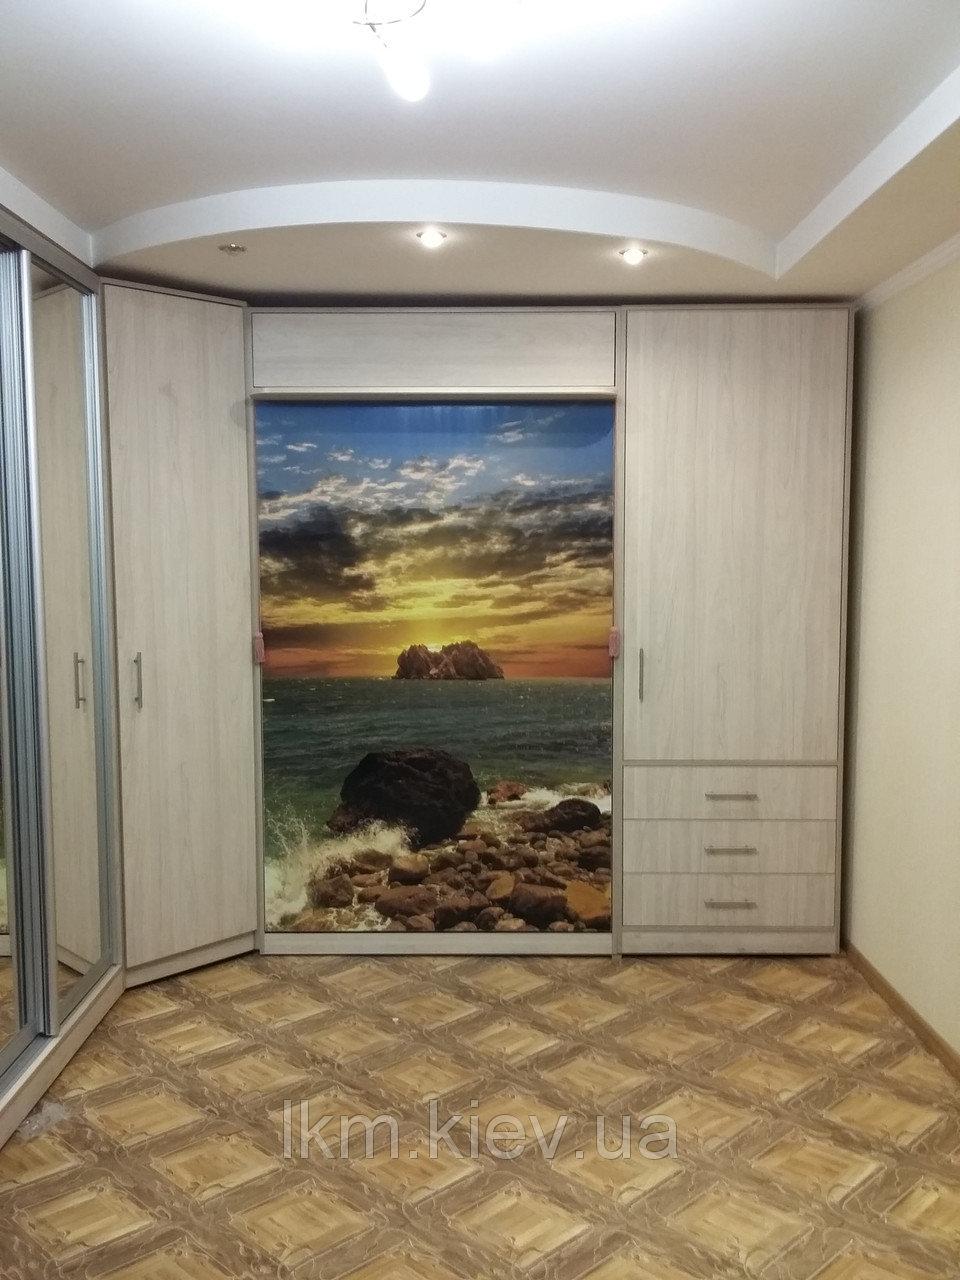 Шкаф-кровать с изображением на фасаде